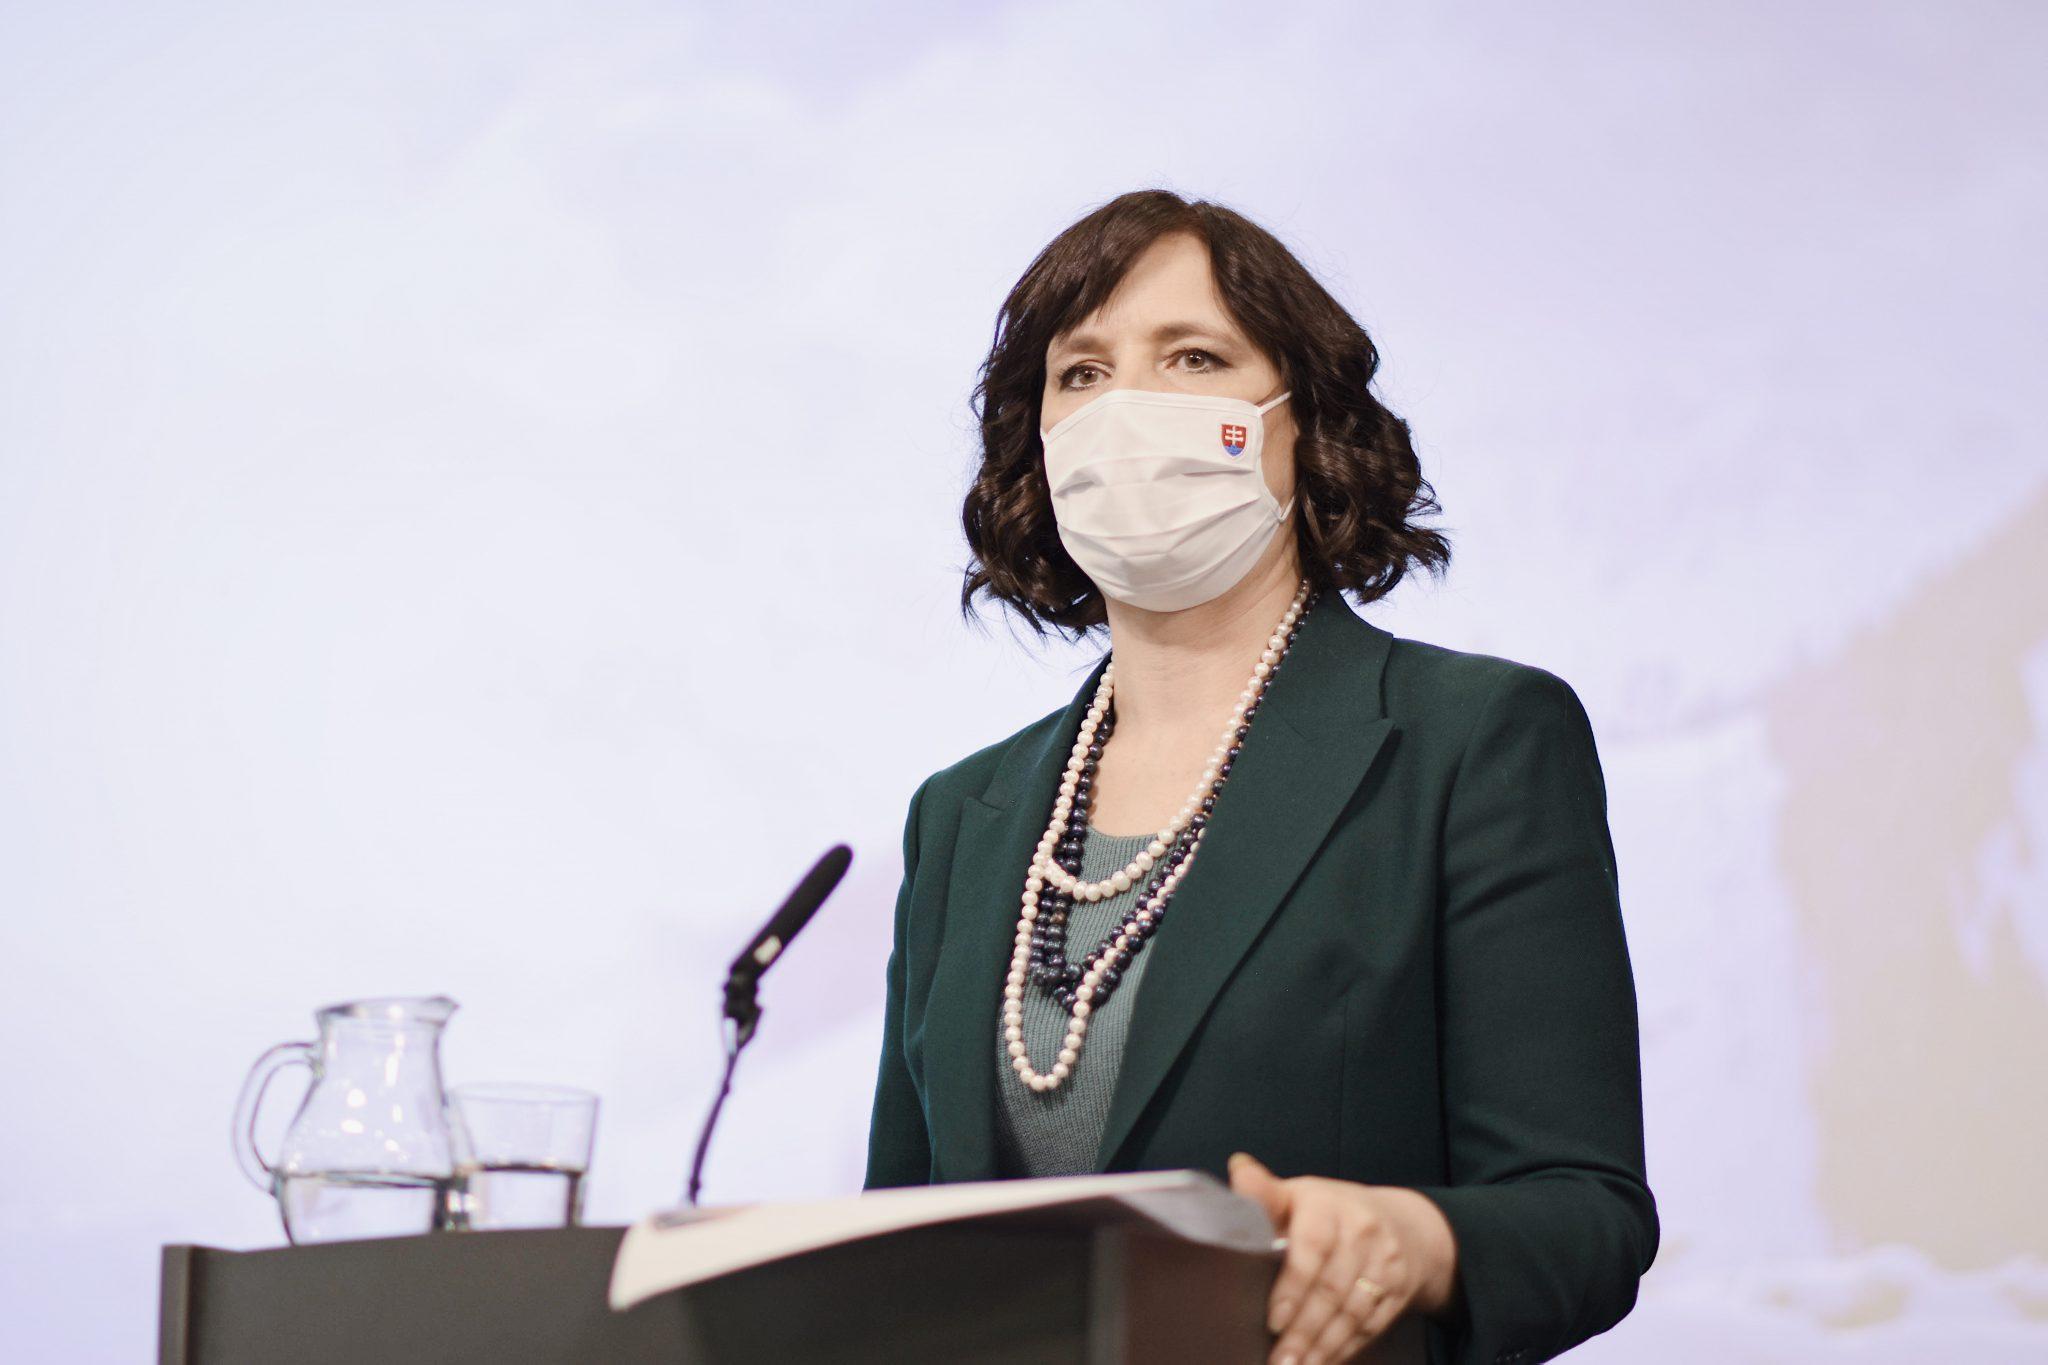 Vicepremiérka Remišová: Novela zákona zruší 19 okruhov potvrdení, ktoré úrady od občanov už nebudú pýtať